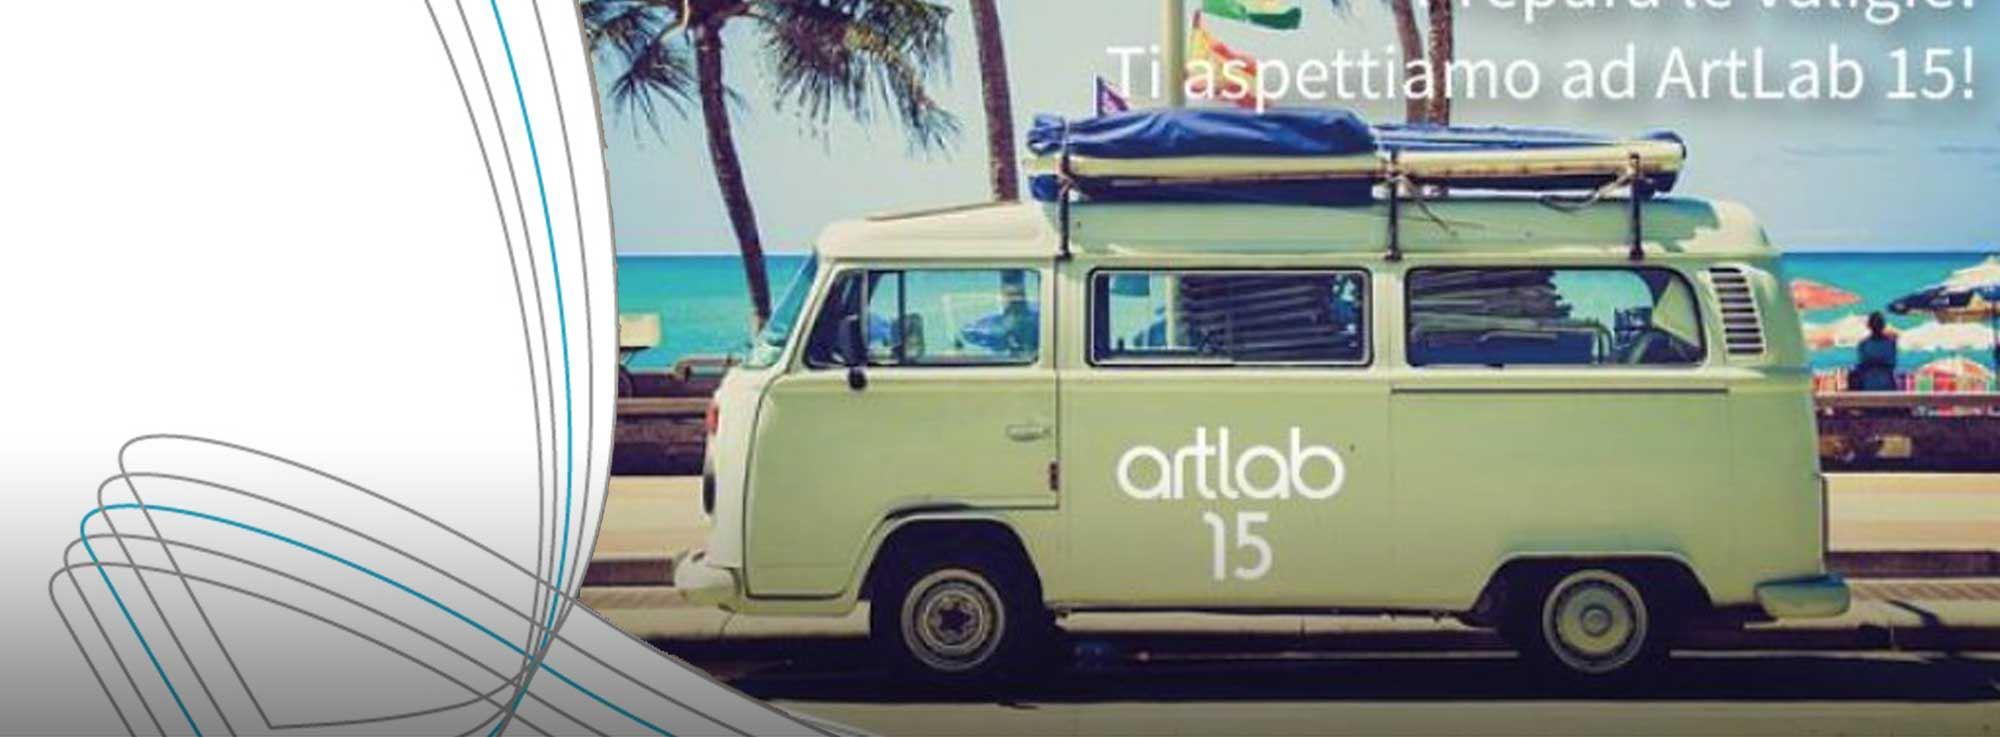 Lecce: ArtLab 2015